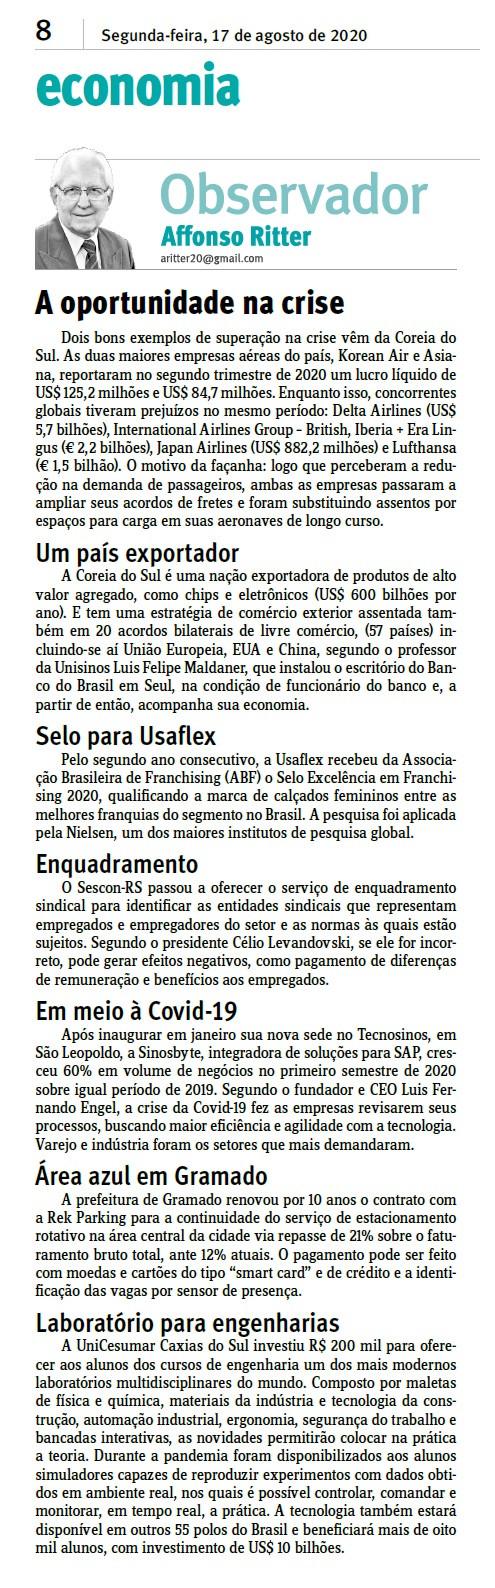 Coluna Observador do Jornal do Comércio (17/08/2020)